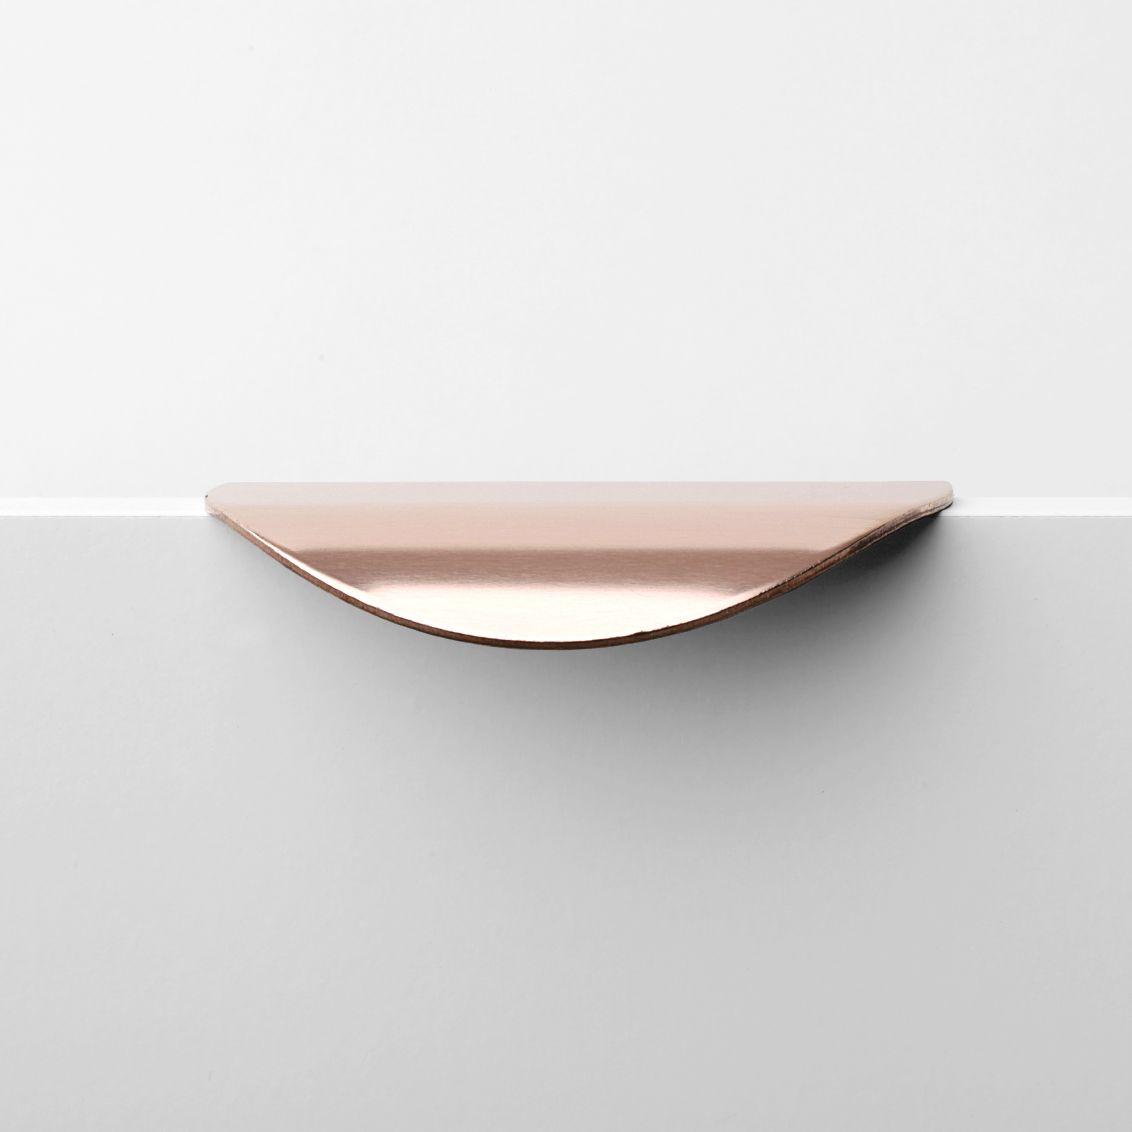 Des poign es pour ma cuisine projet 150516 marine poignee meuble poign e meuble cuisine - Poignee de meuble de cuisine ikea ...